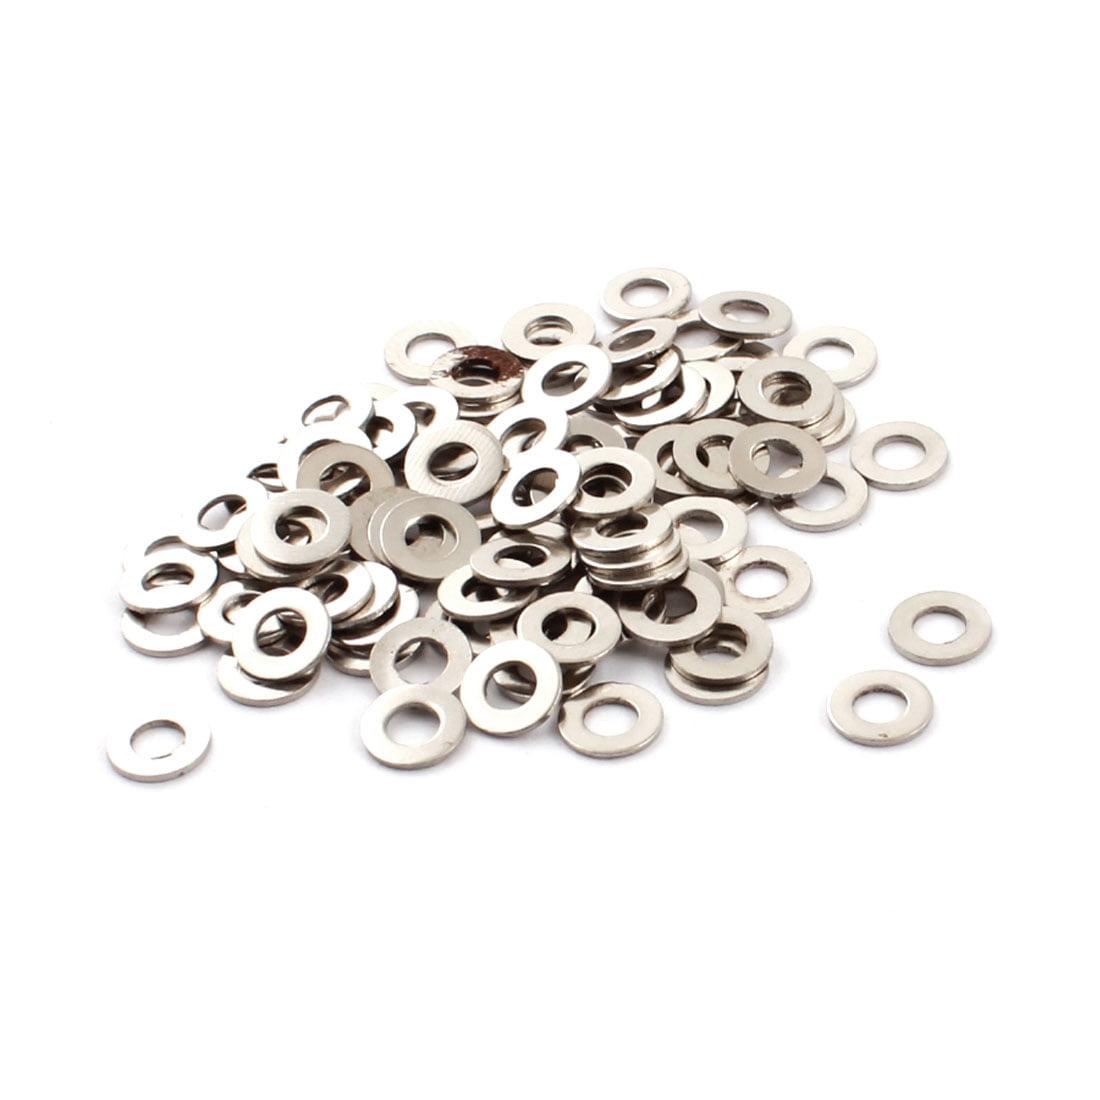 Unique Bargains 100pcs 4mm x 8mm x 0.7mm Spare Parts Spindle Metal